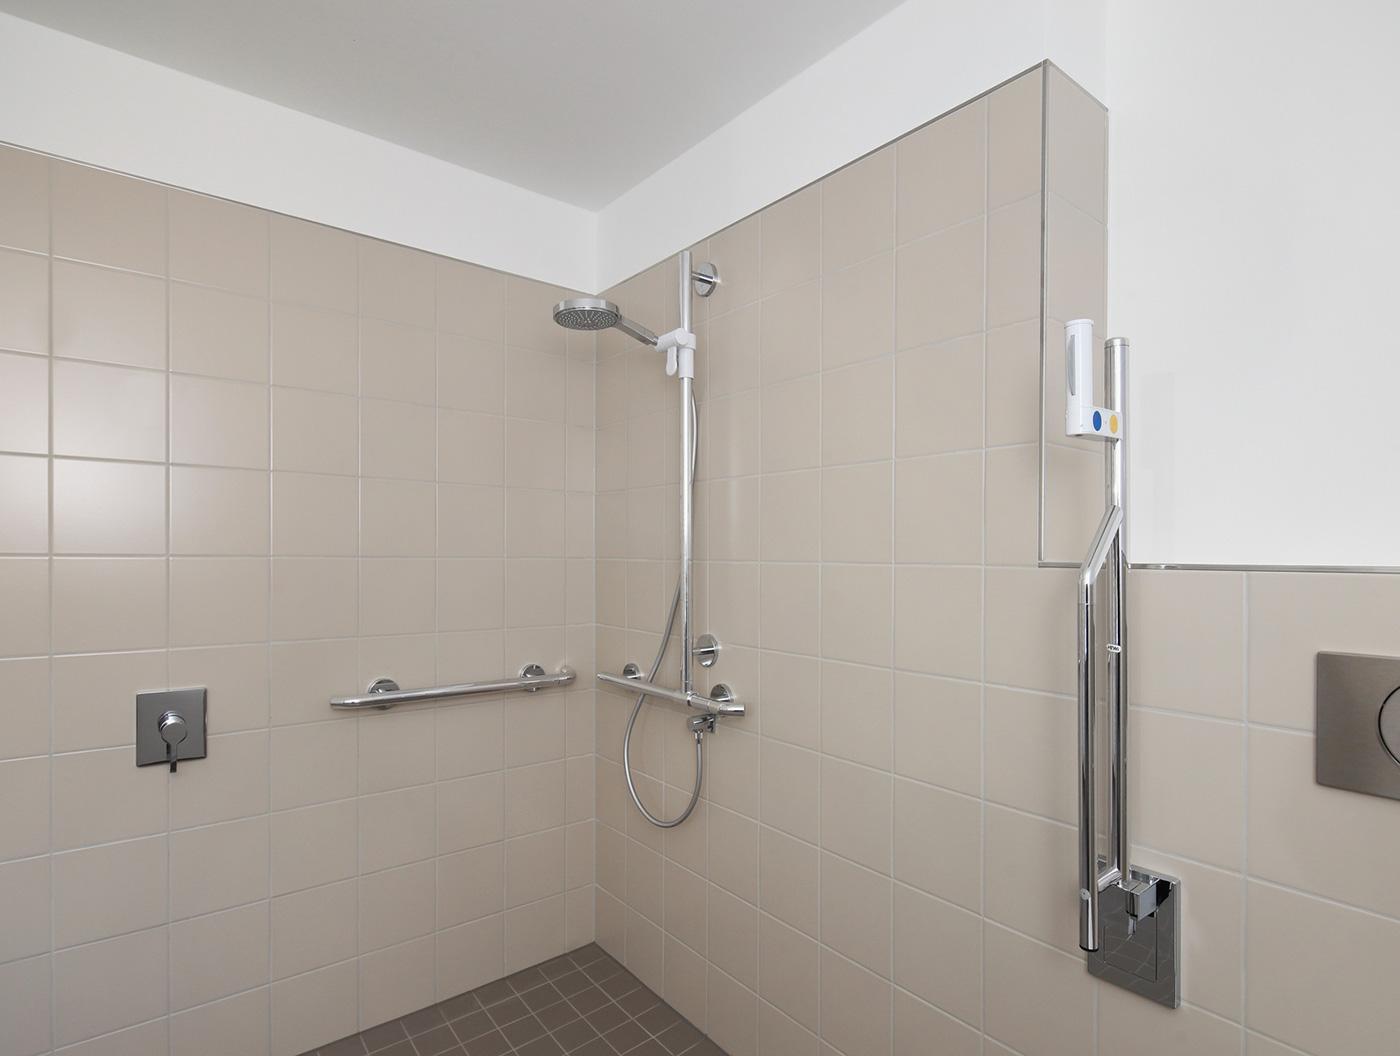 Full Size of Dusche Einbauen Behindertengerechte Barrierefreie Pflegede Bodengleiche Glaswand Thermostat Breuer Duschen Velux Fenster Ebenerdige Kosten Eckeinstieg Dusche Dusche Einbauen